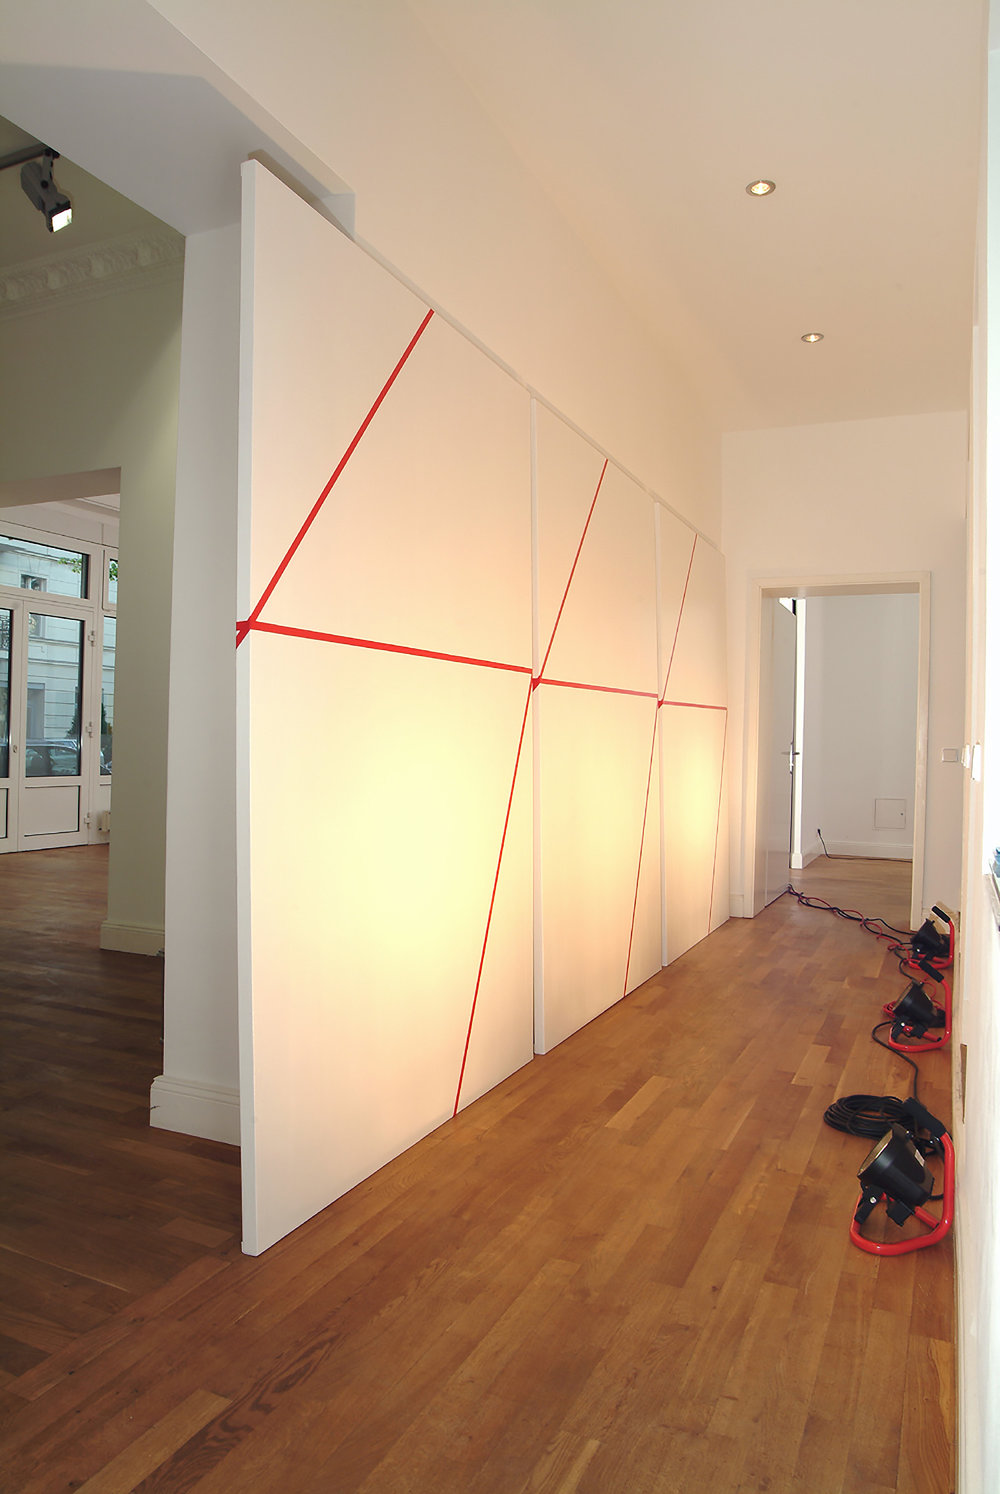 o.T. | Acryl und Klebeband auf Leinwand | 2008 | 228 x 153 cm